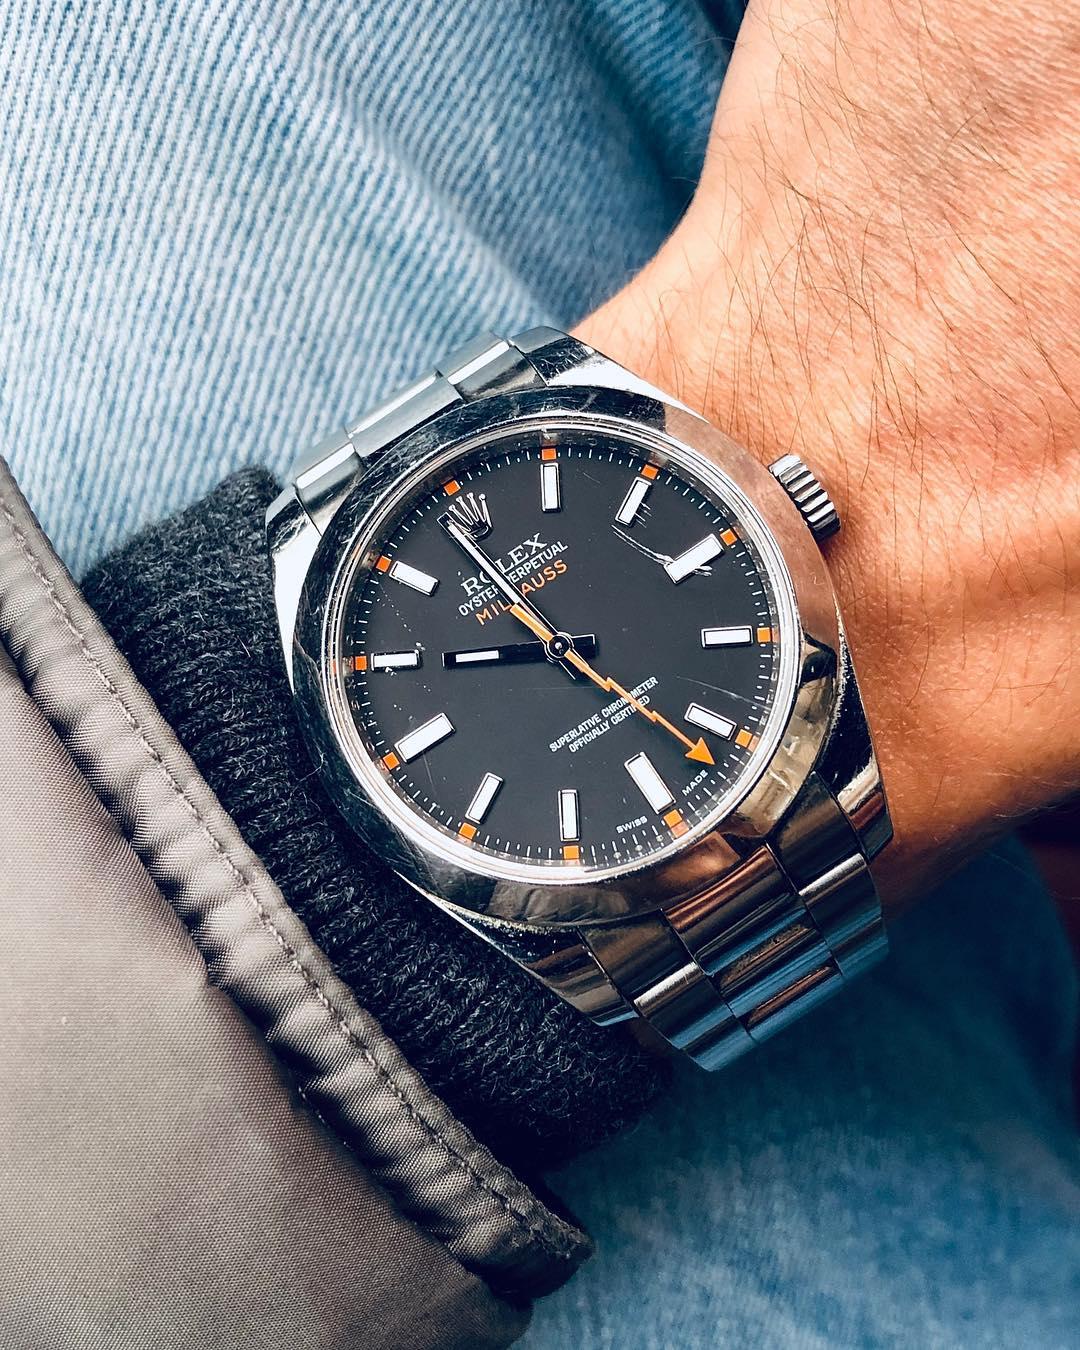 Rolex Milgauss Ref.116400 by @watchrookiee